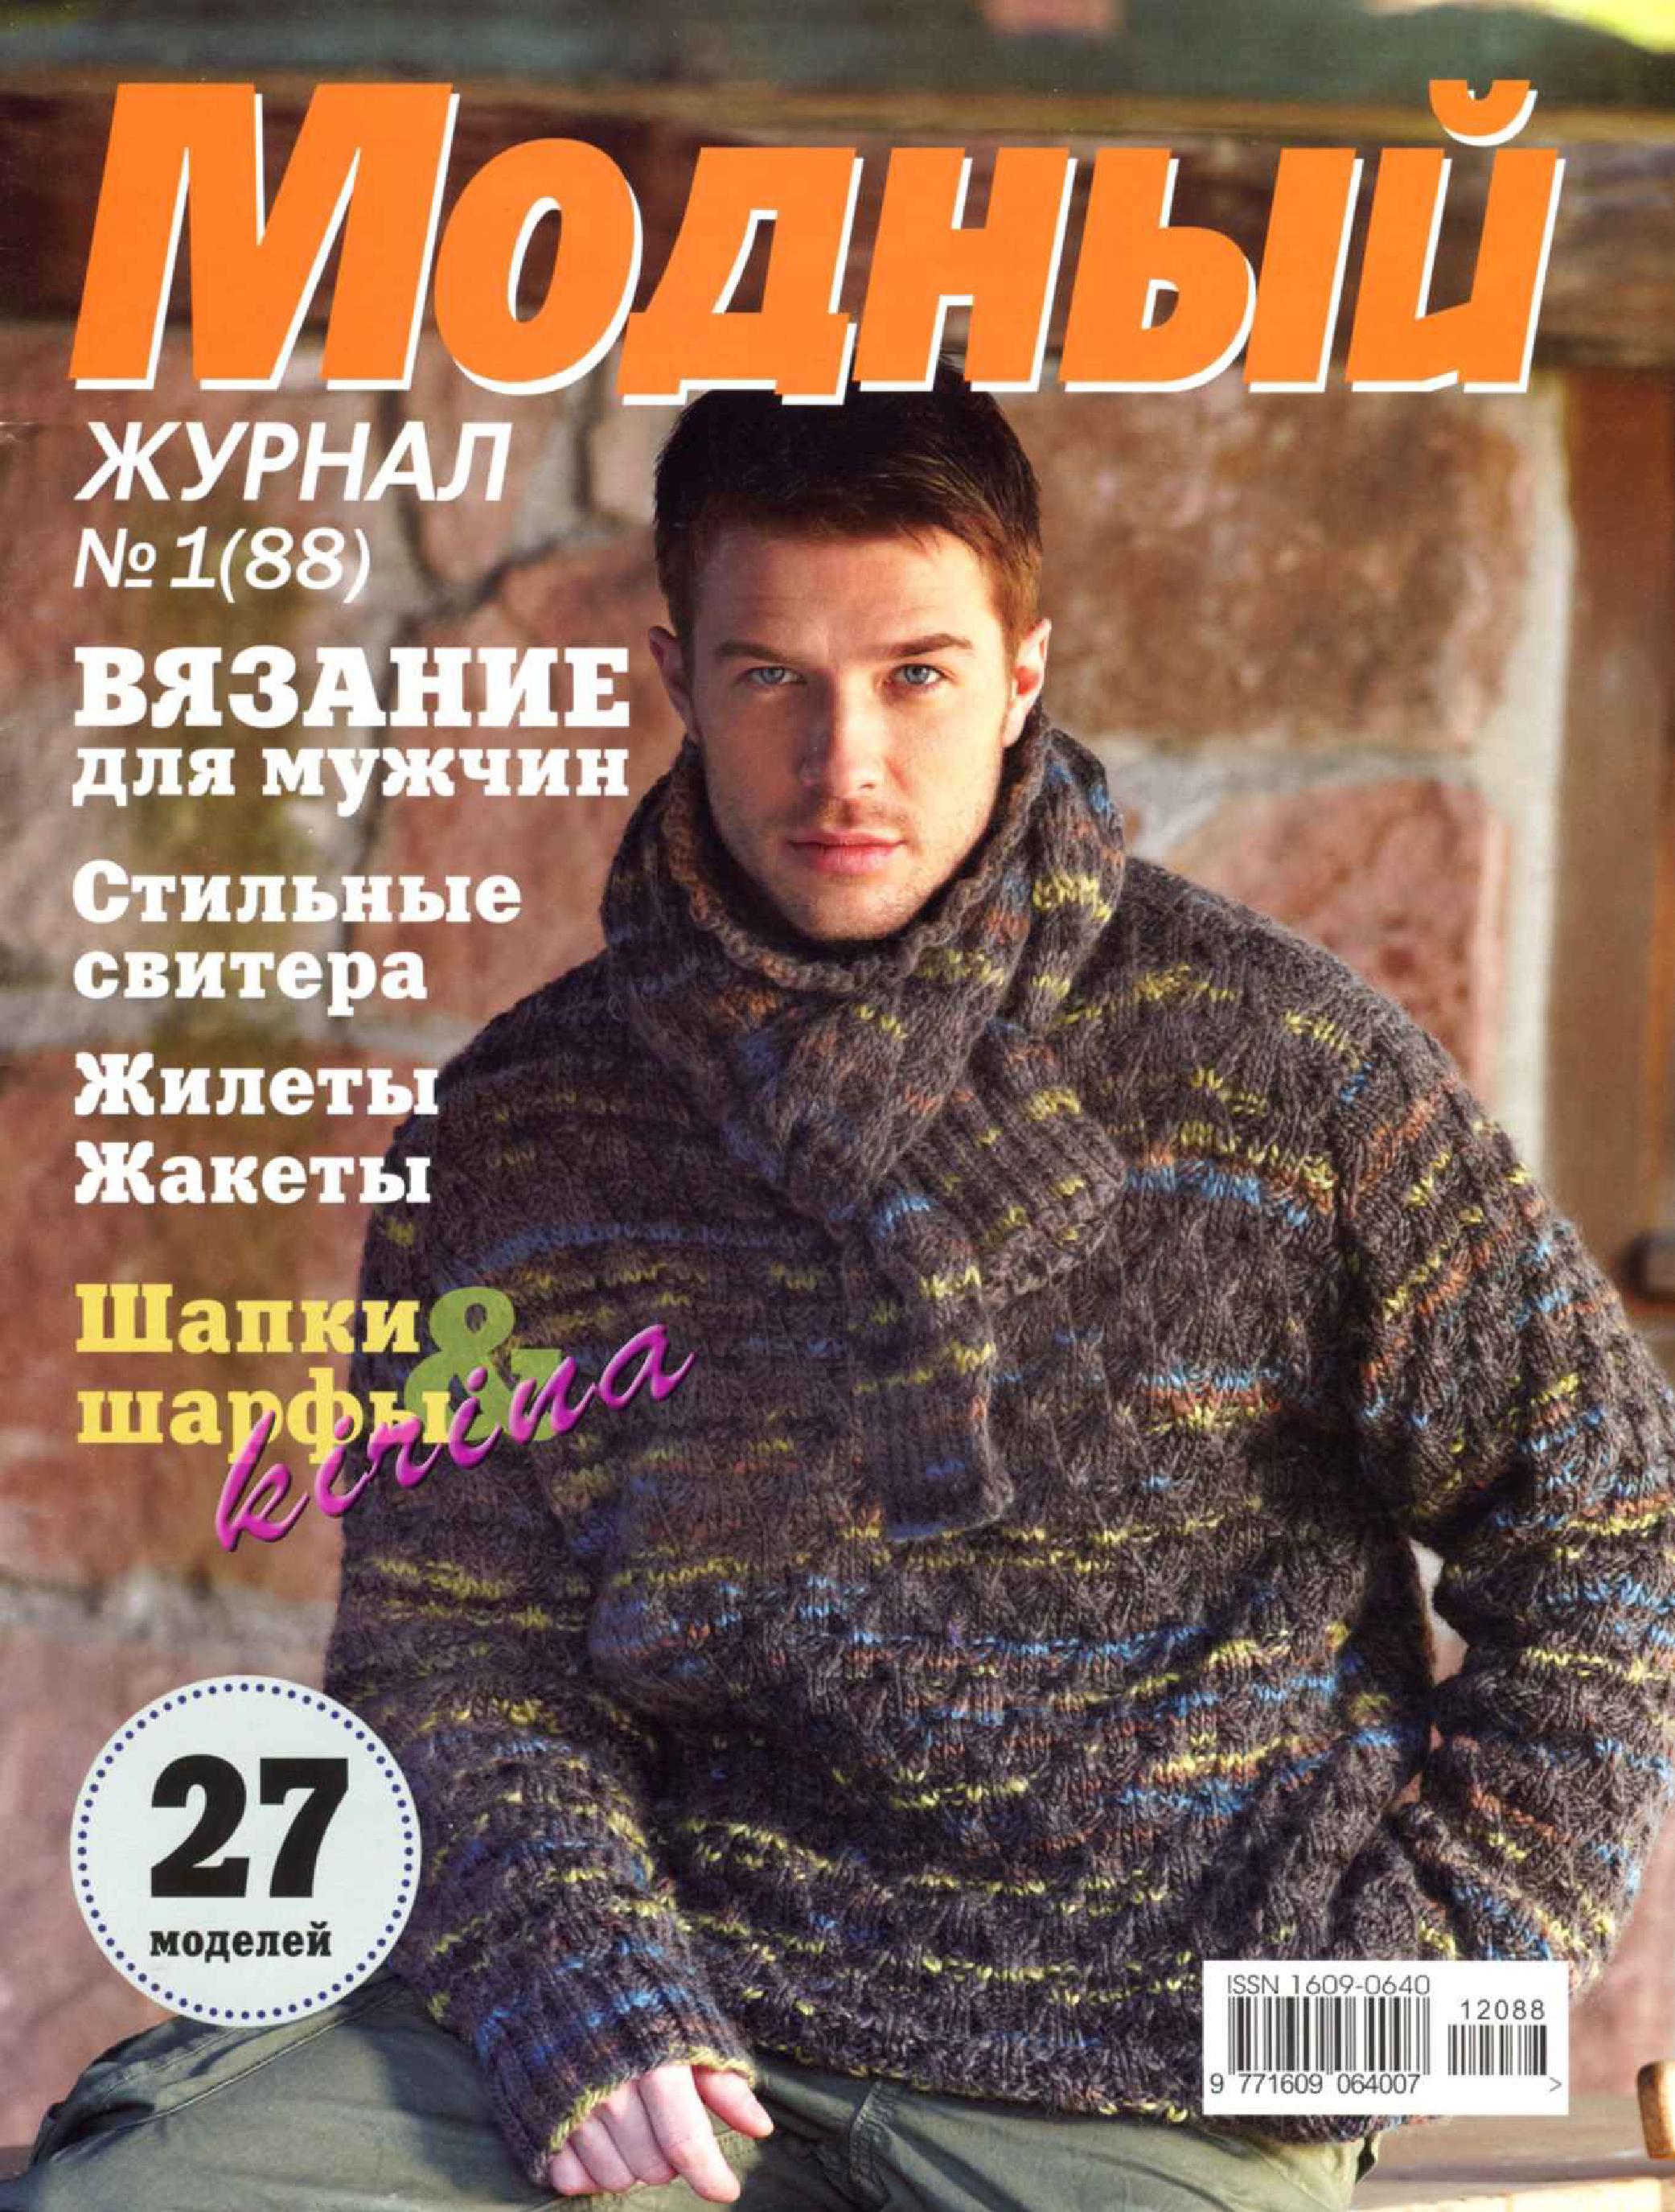 «Модный журнал» Вязание для мужчин №1(88) 2012г